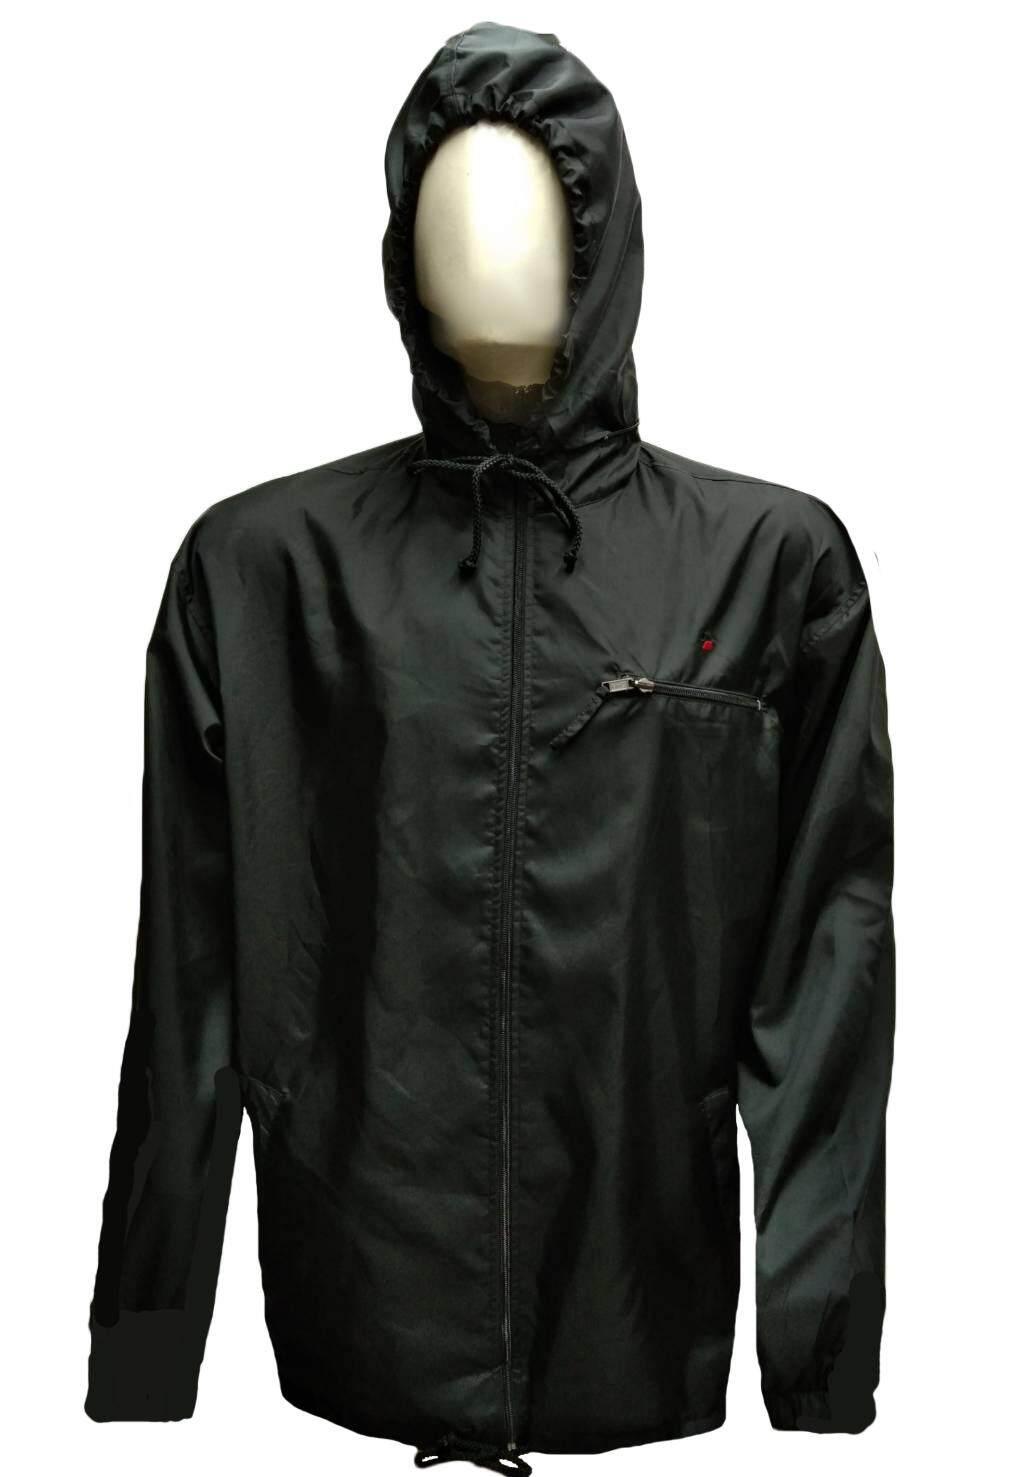 hooded nylon jacket เสื้อแจ็กเก็ตมอเตอร์ไซค์กันลม มีฮู๊ด พับเป็นกระเป๋าเล็กได้ในตัว มีกระเป๋าซิปเก็บหมวกหลังคอ มีกระเป๋าซิปใส่ของตรงอก